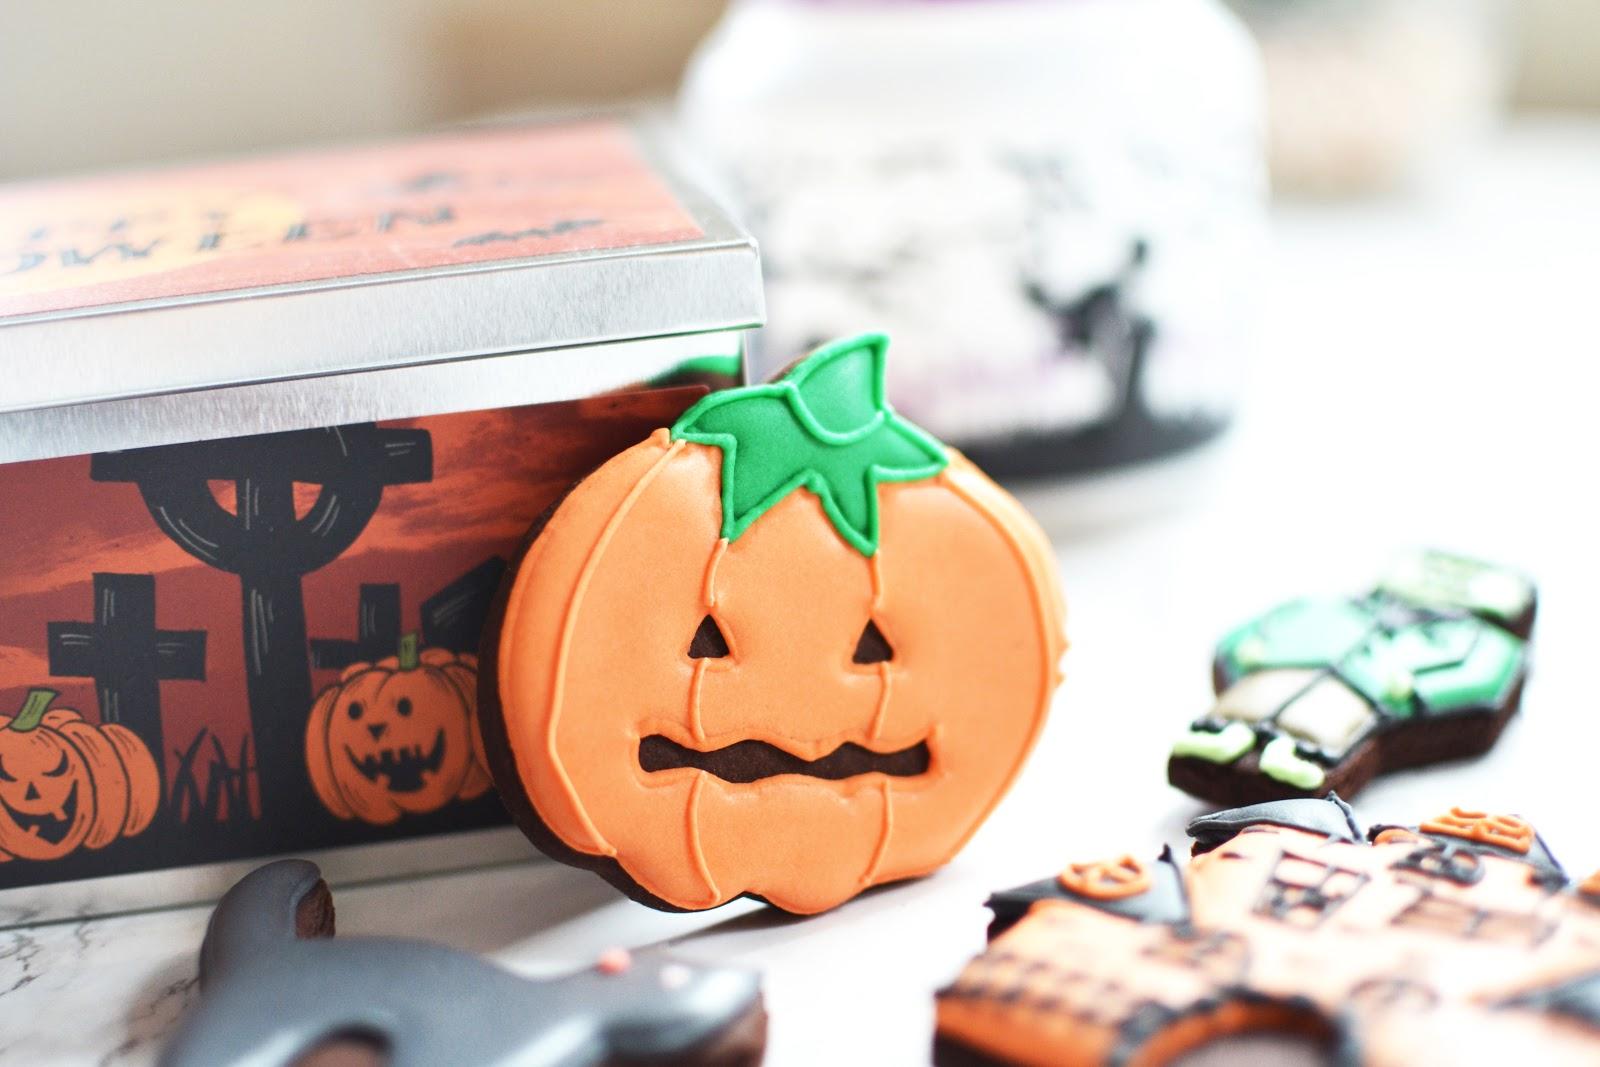 Pumpkin halloween themed biscuits